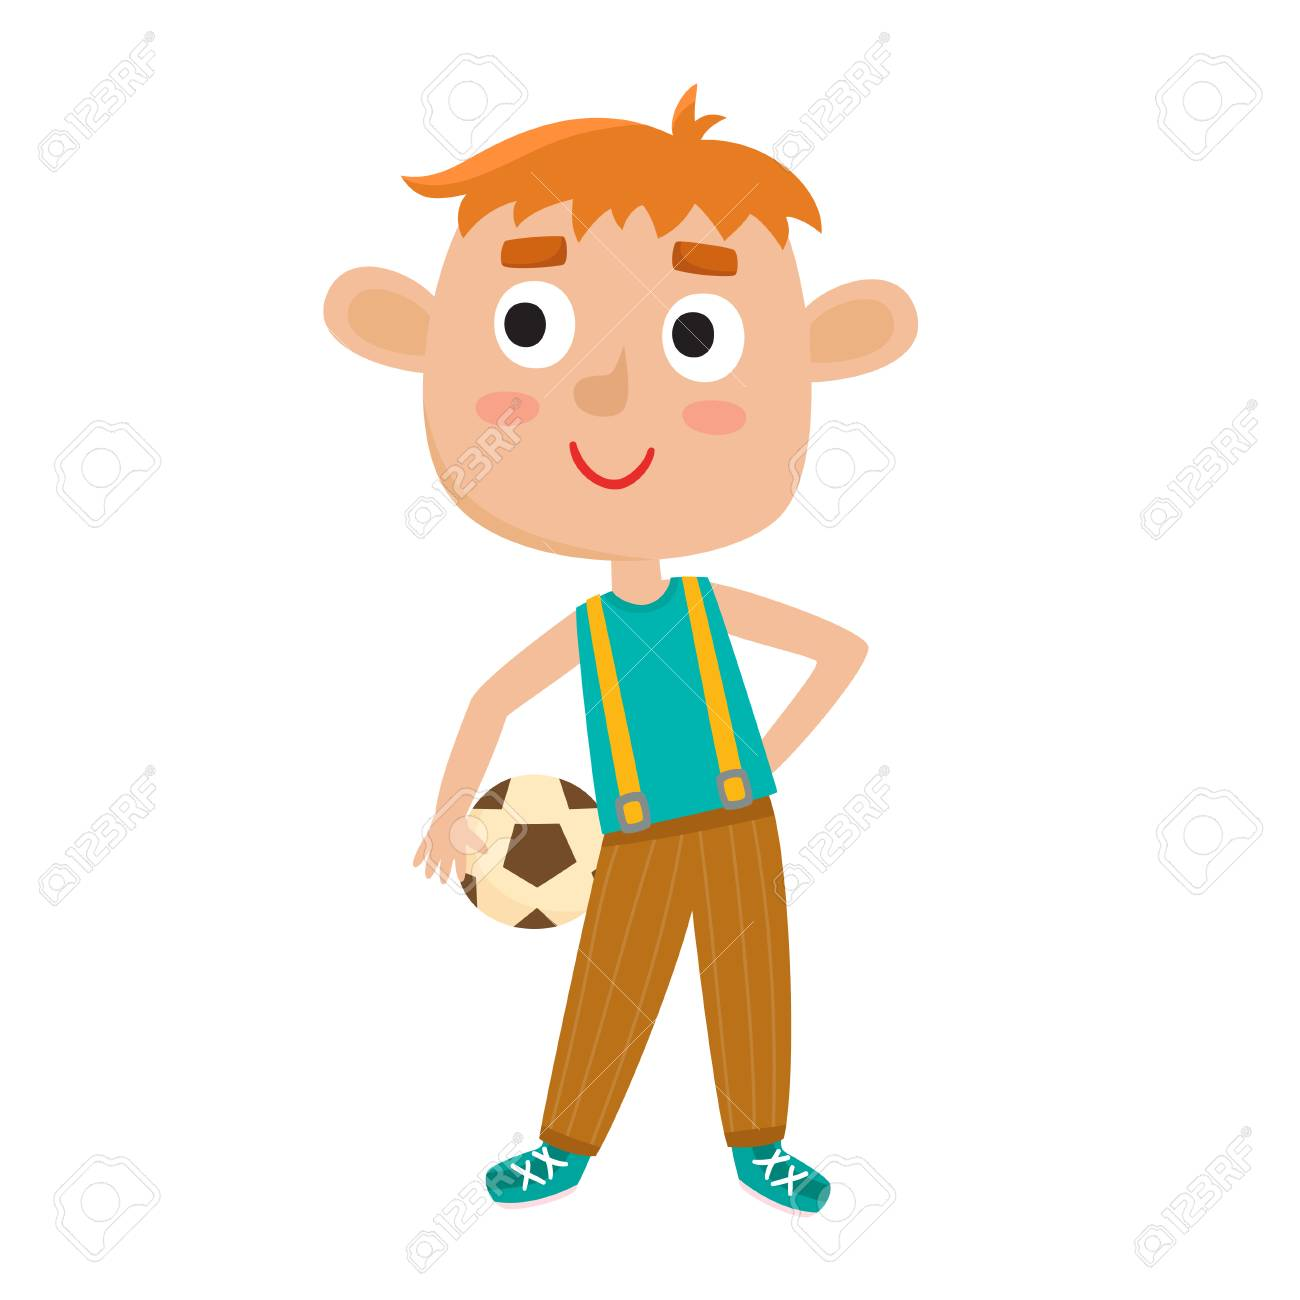 Ilustracion De Vector De Nino Jugando Futbol En Estilo De Dibujos